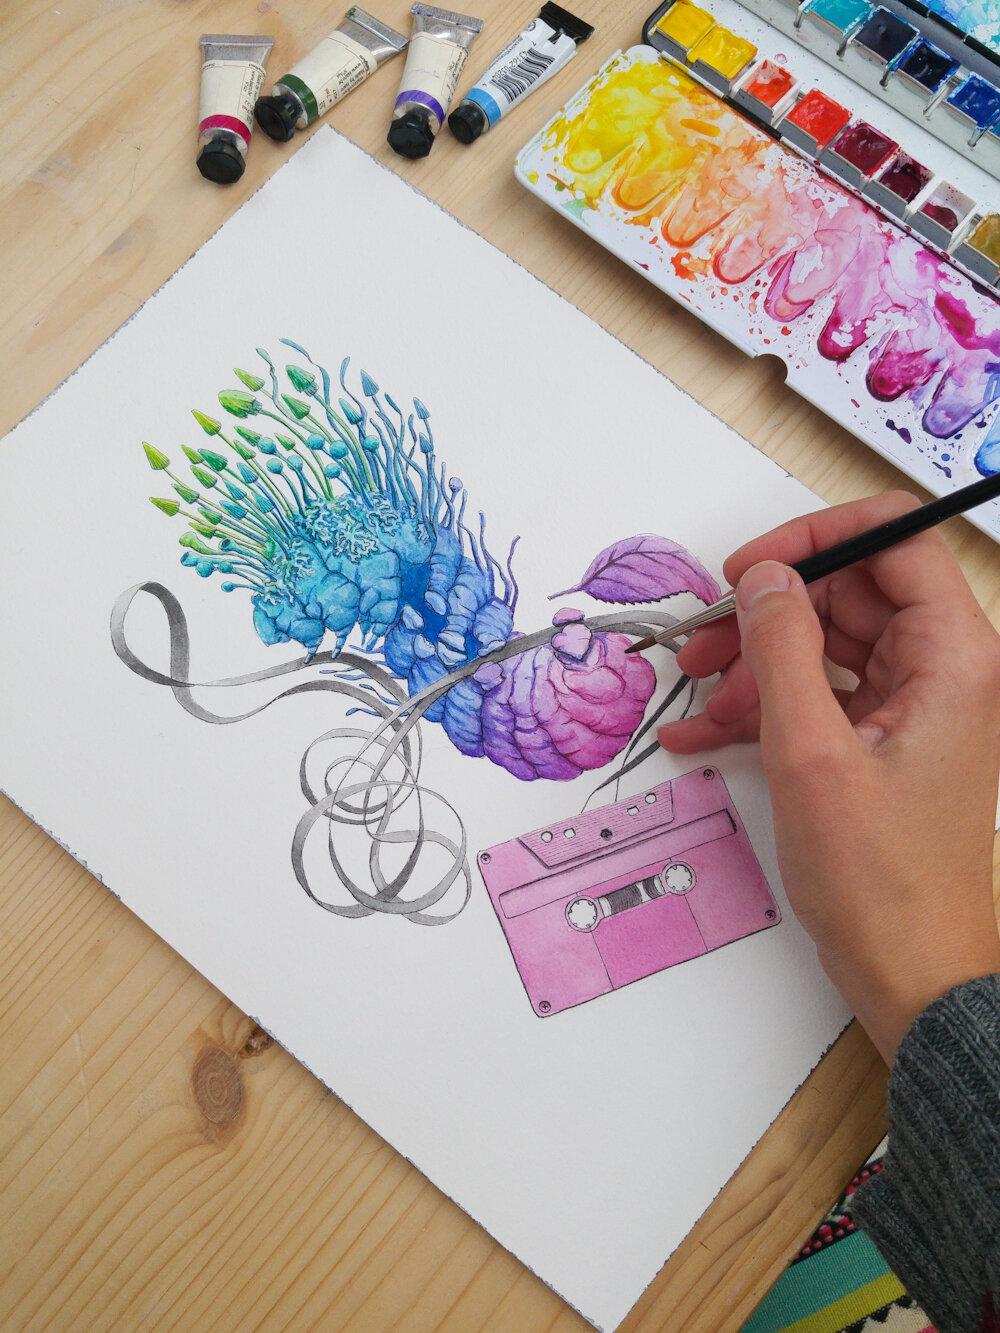 胶带(毛毛虫),水彩画,2018,斯蒂芬妮·基尔加斯特